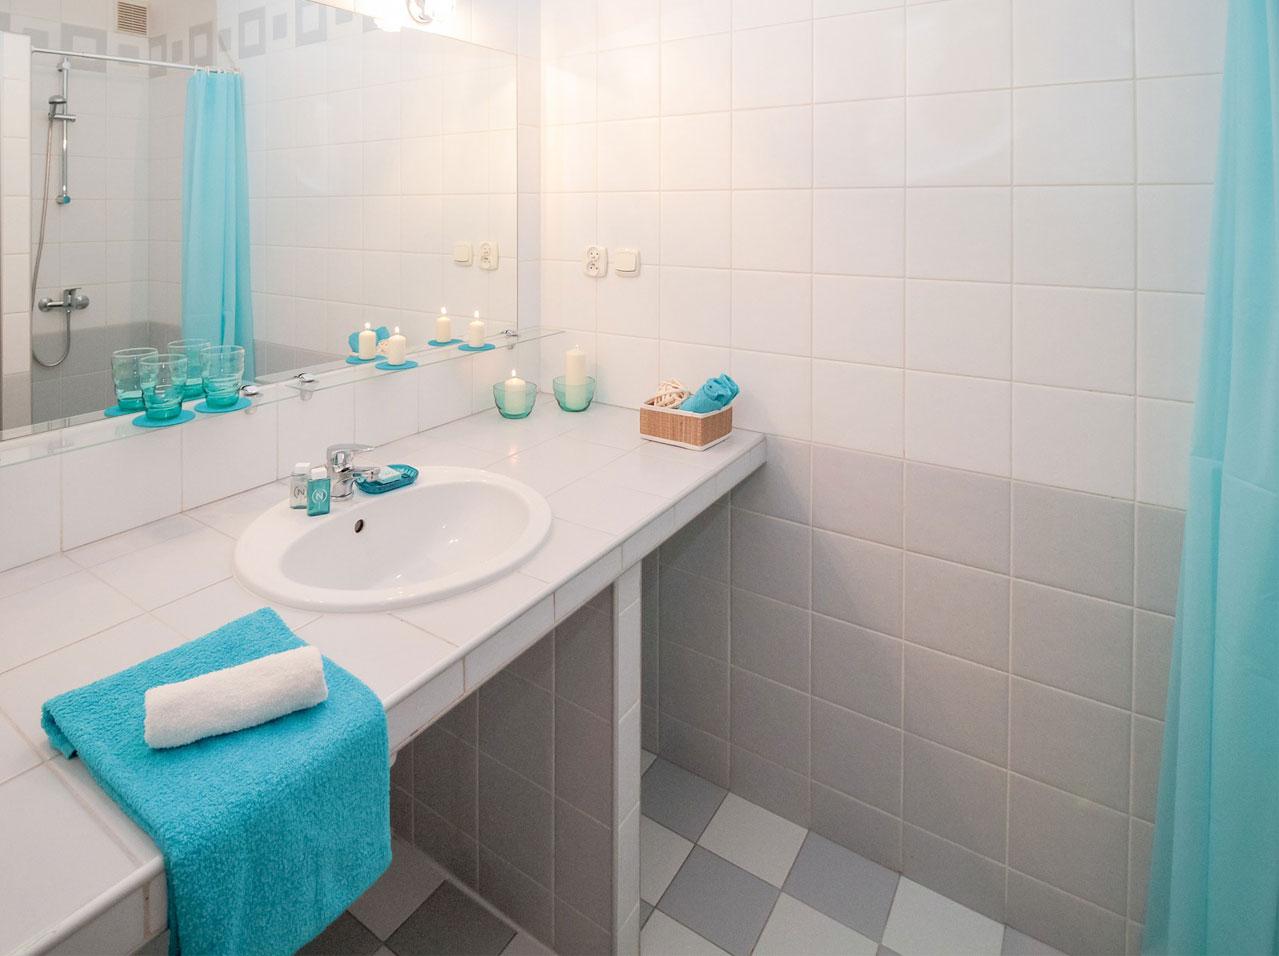 Bathroom Wall and Flooring Tiles